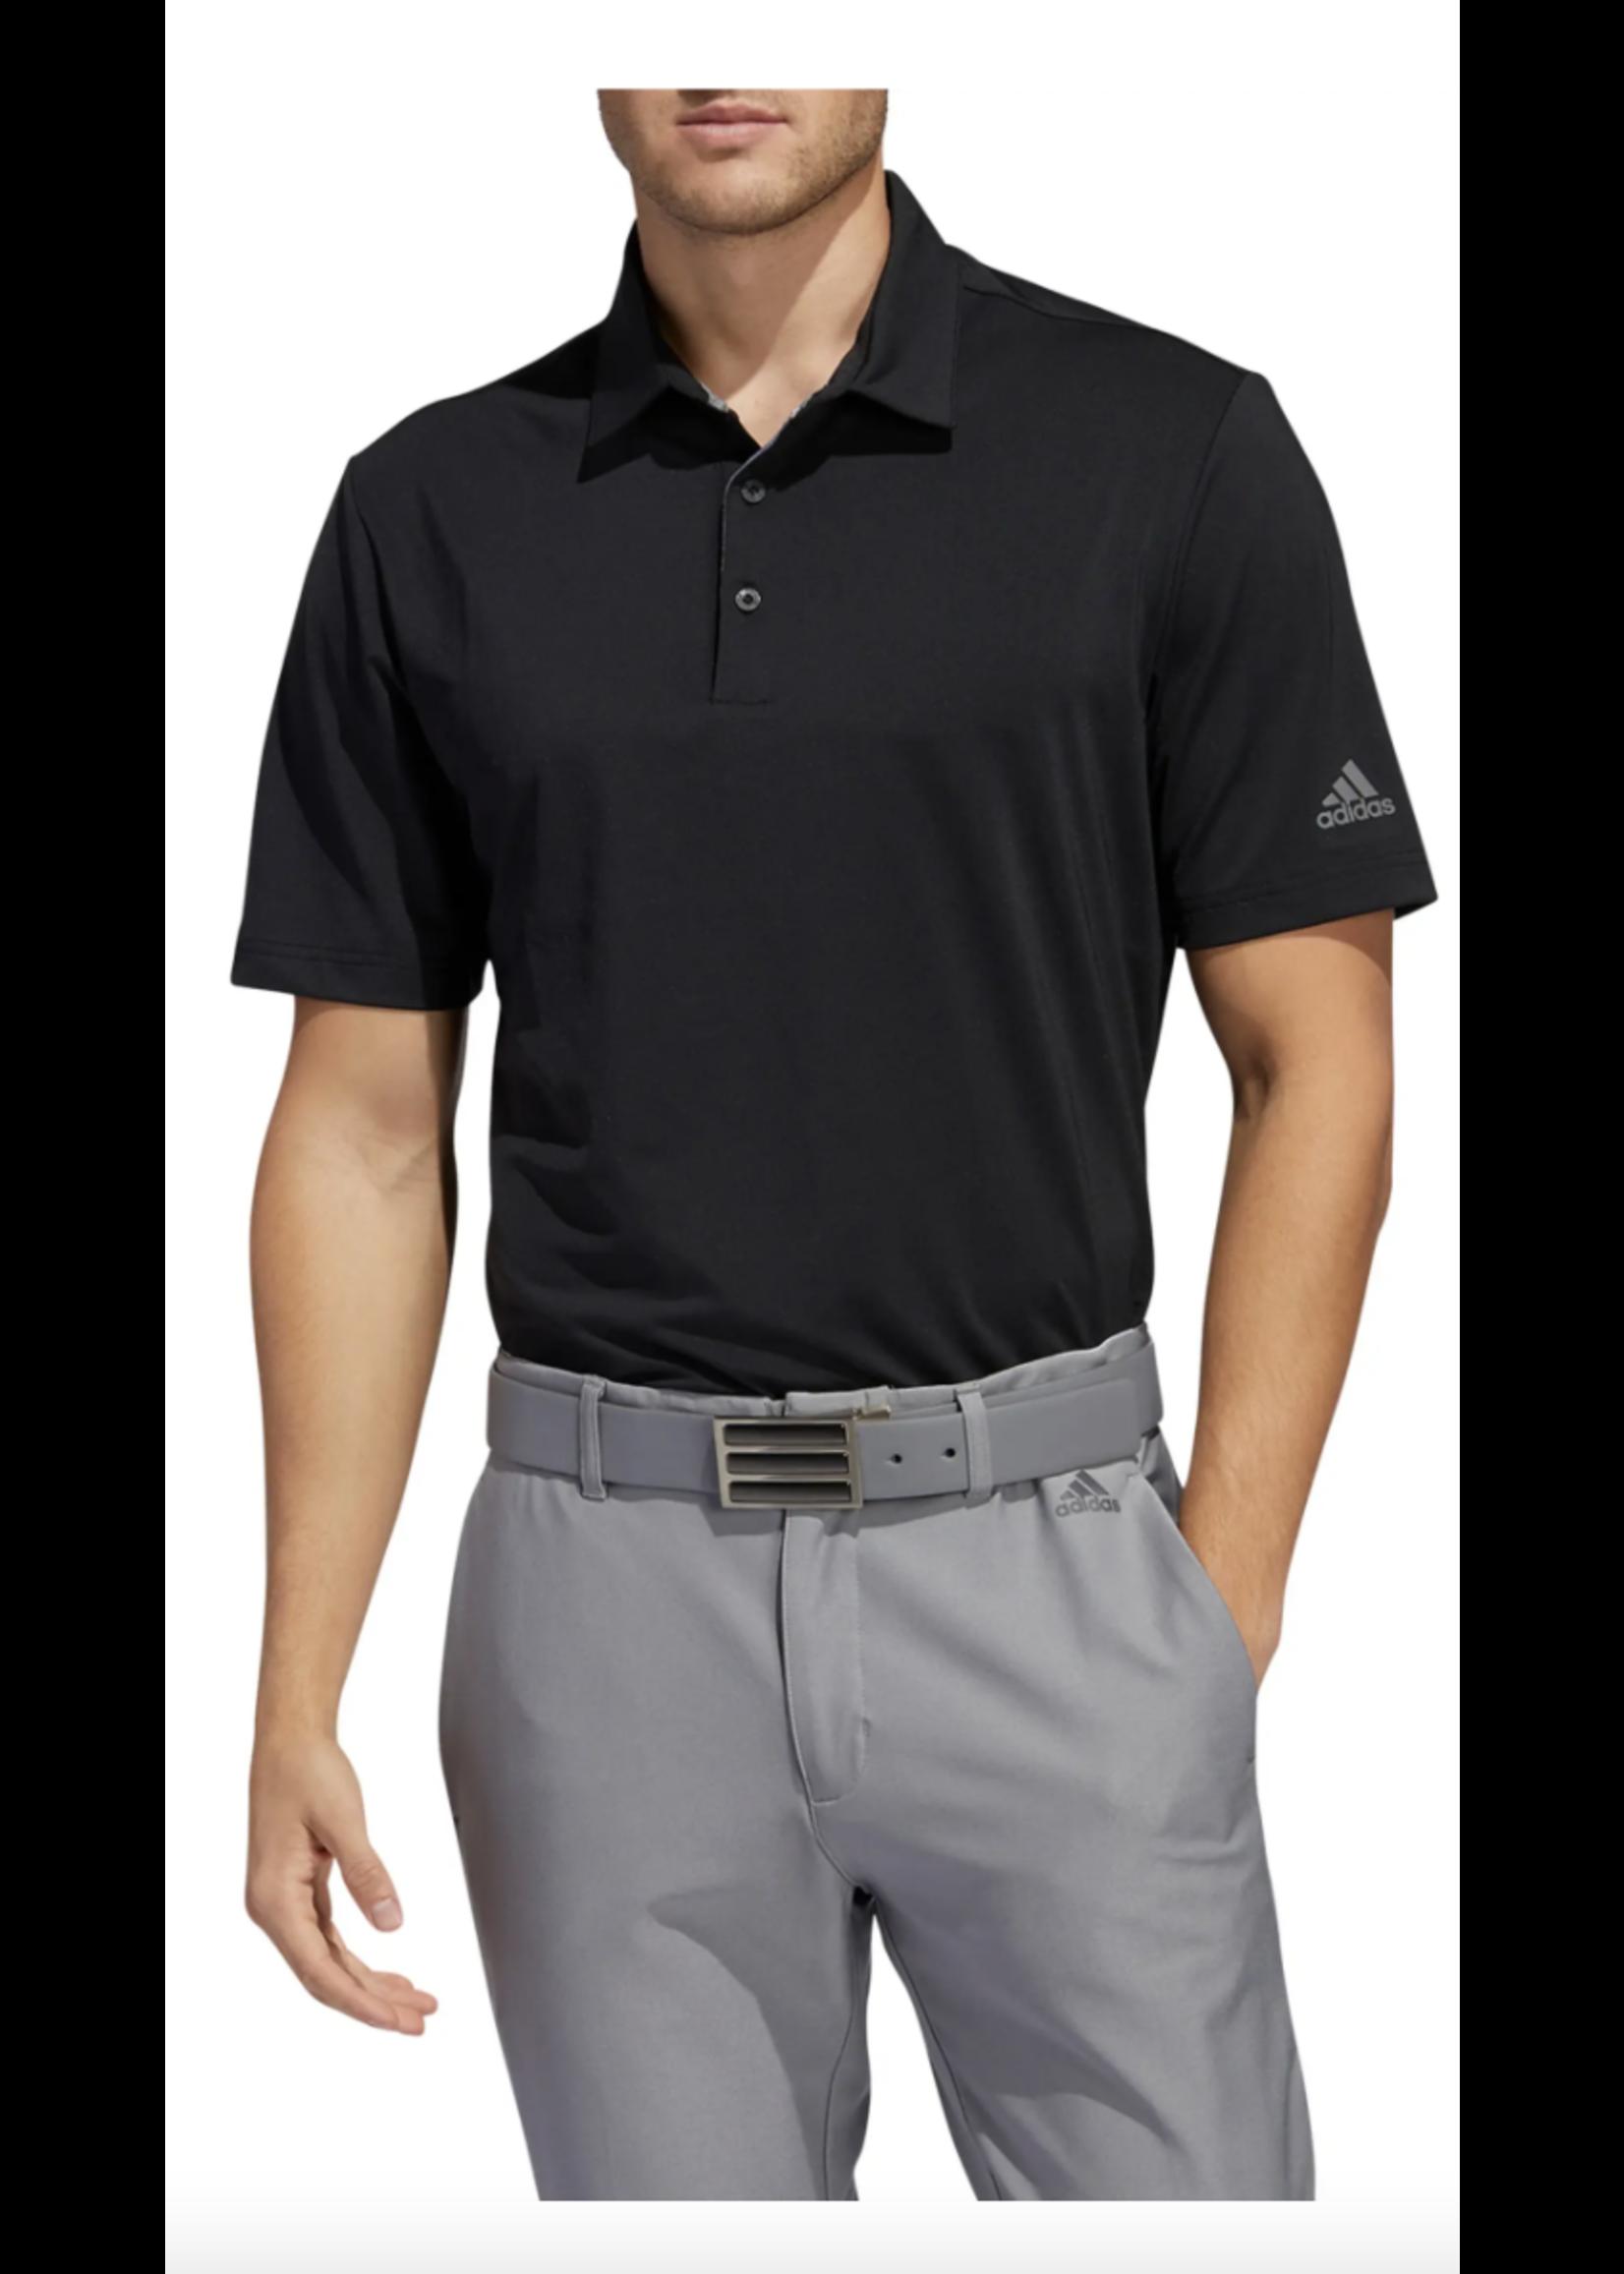 Men's Adidas Polo - Small